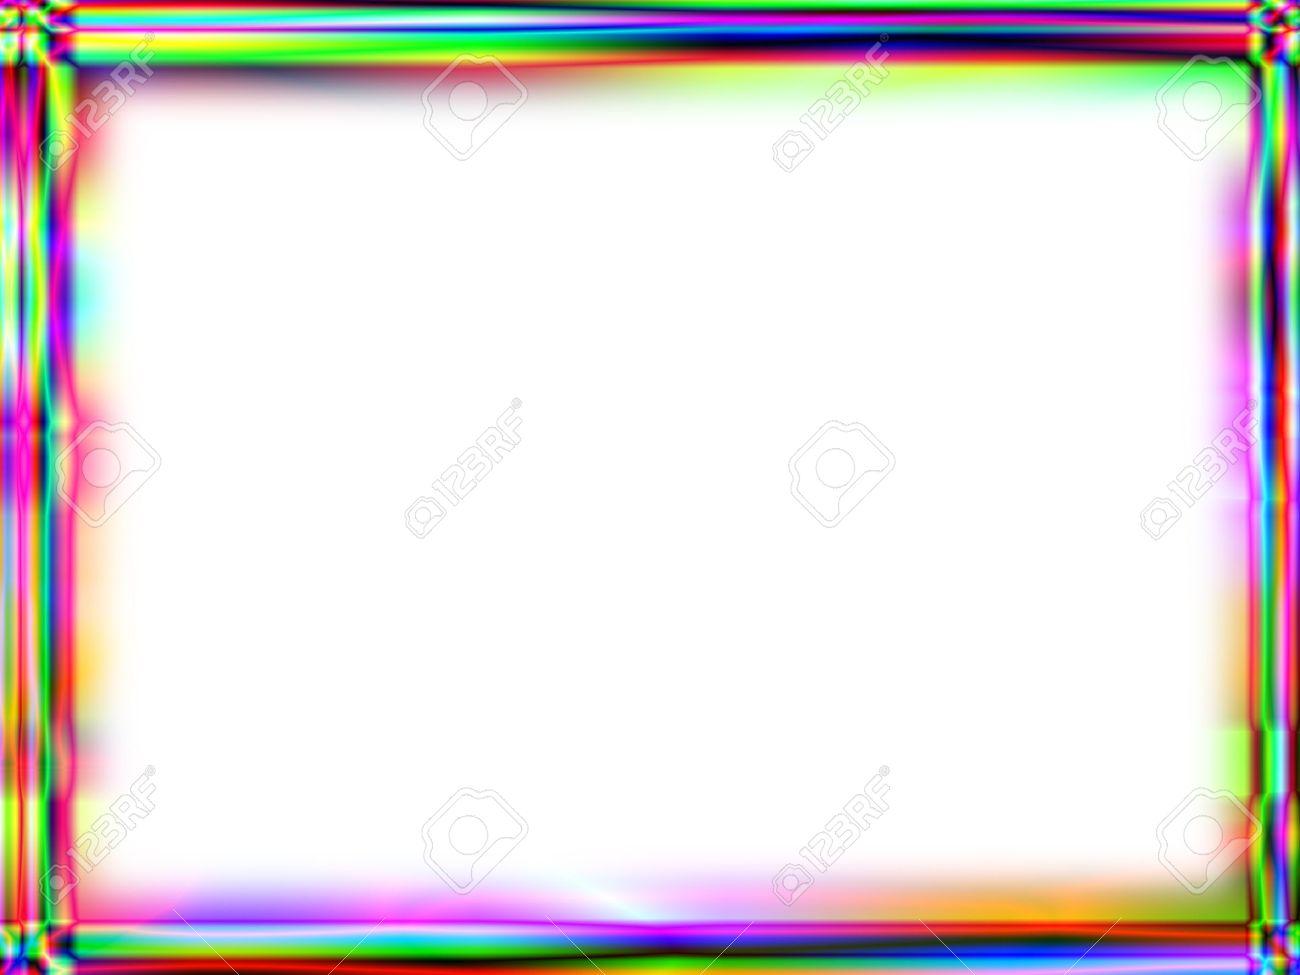 Einzigartige Regenbogenverlauf Rahmen Mit Weißen Leeren Raum Für ...